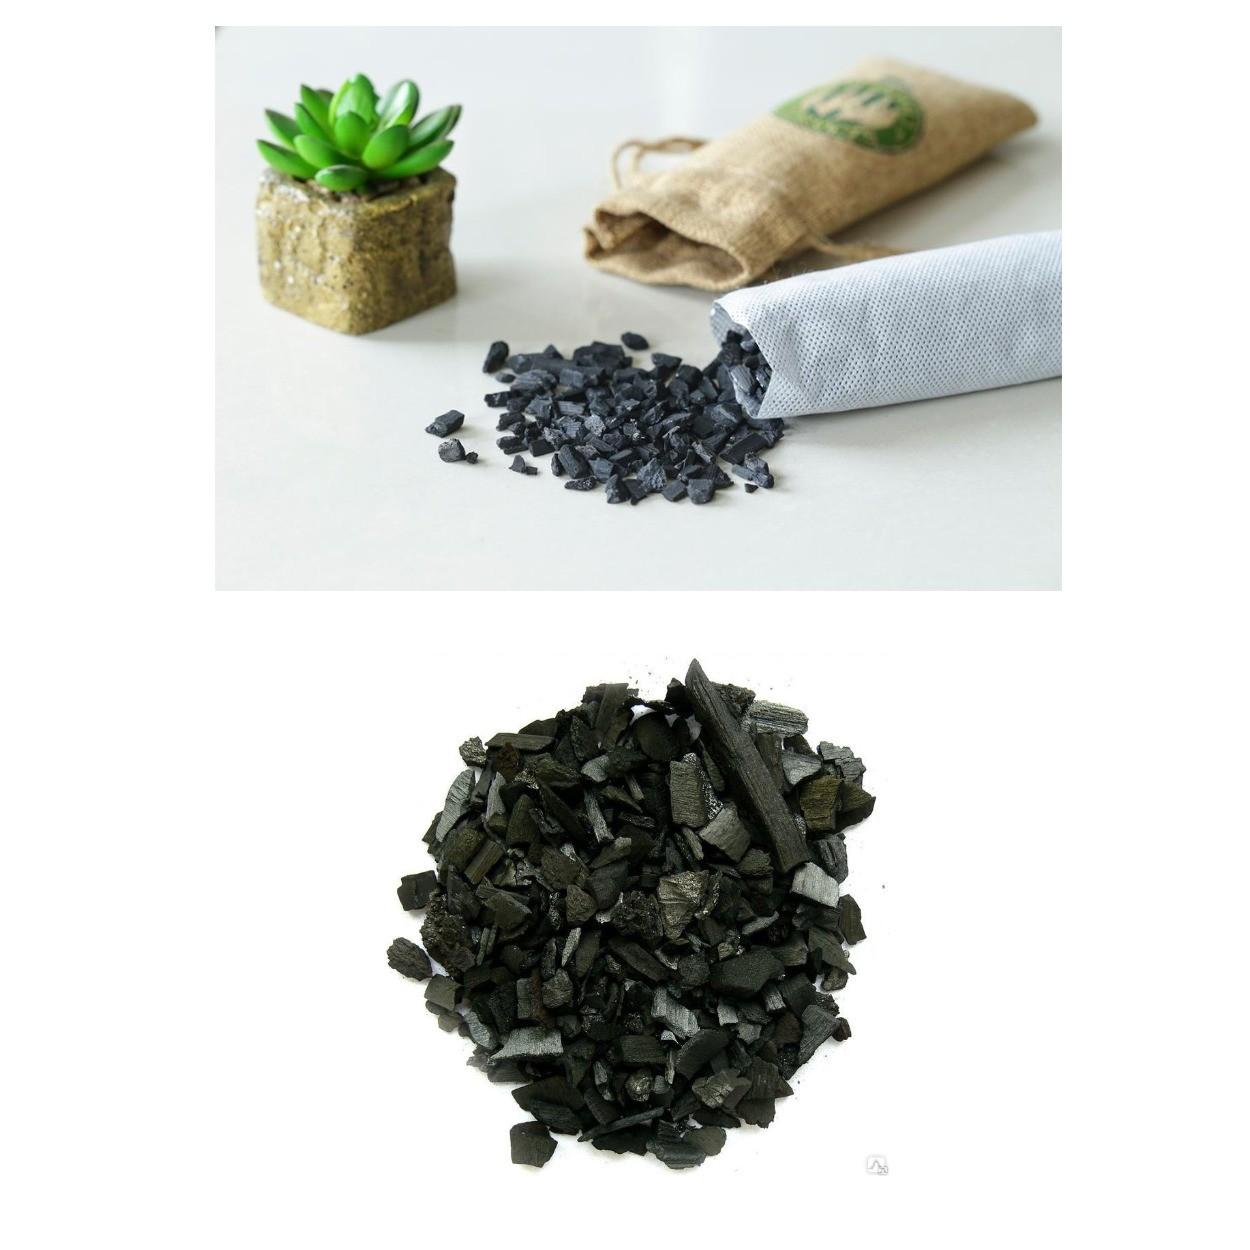 изображение древесного угля для дренажа растений